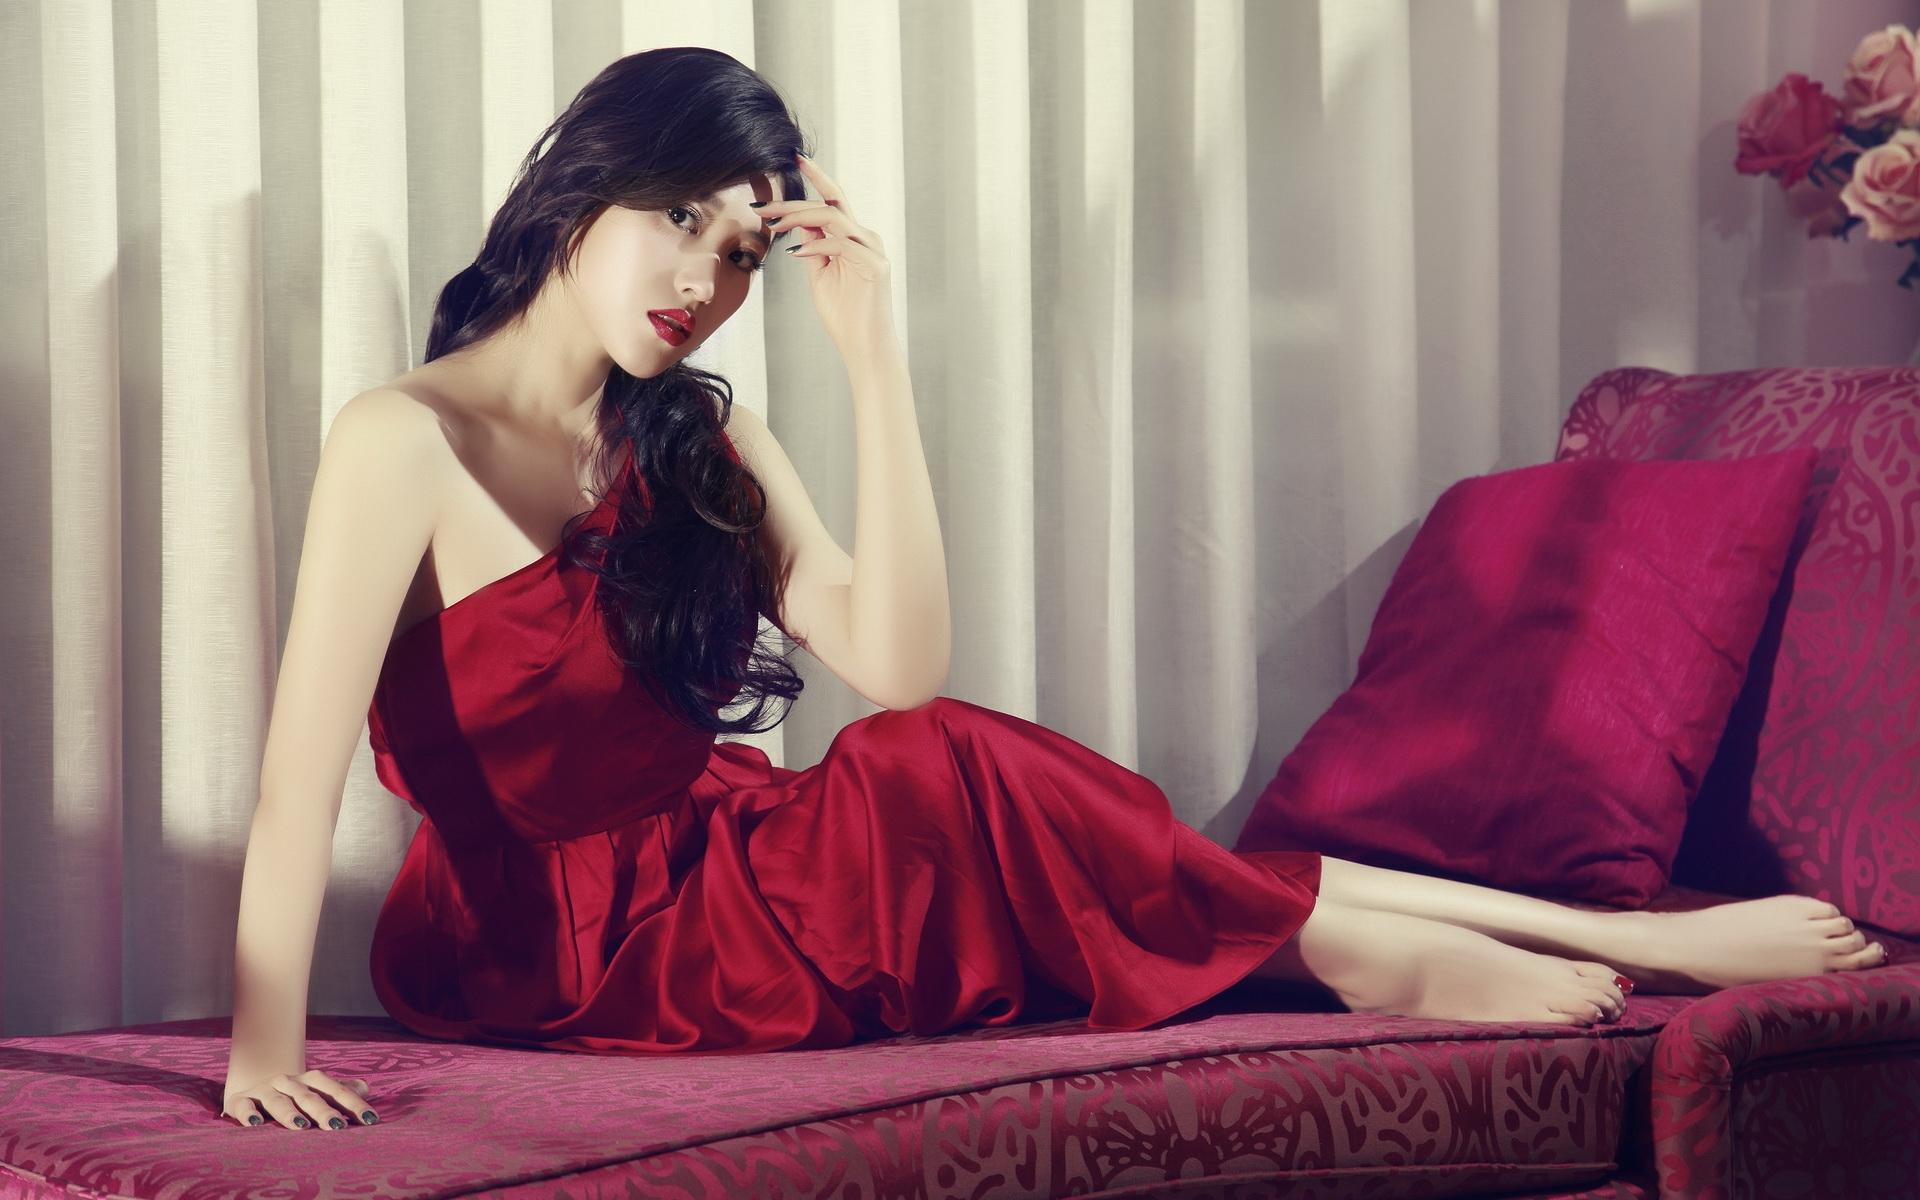 red dress wallpaper 34987